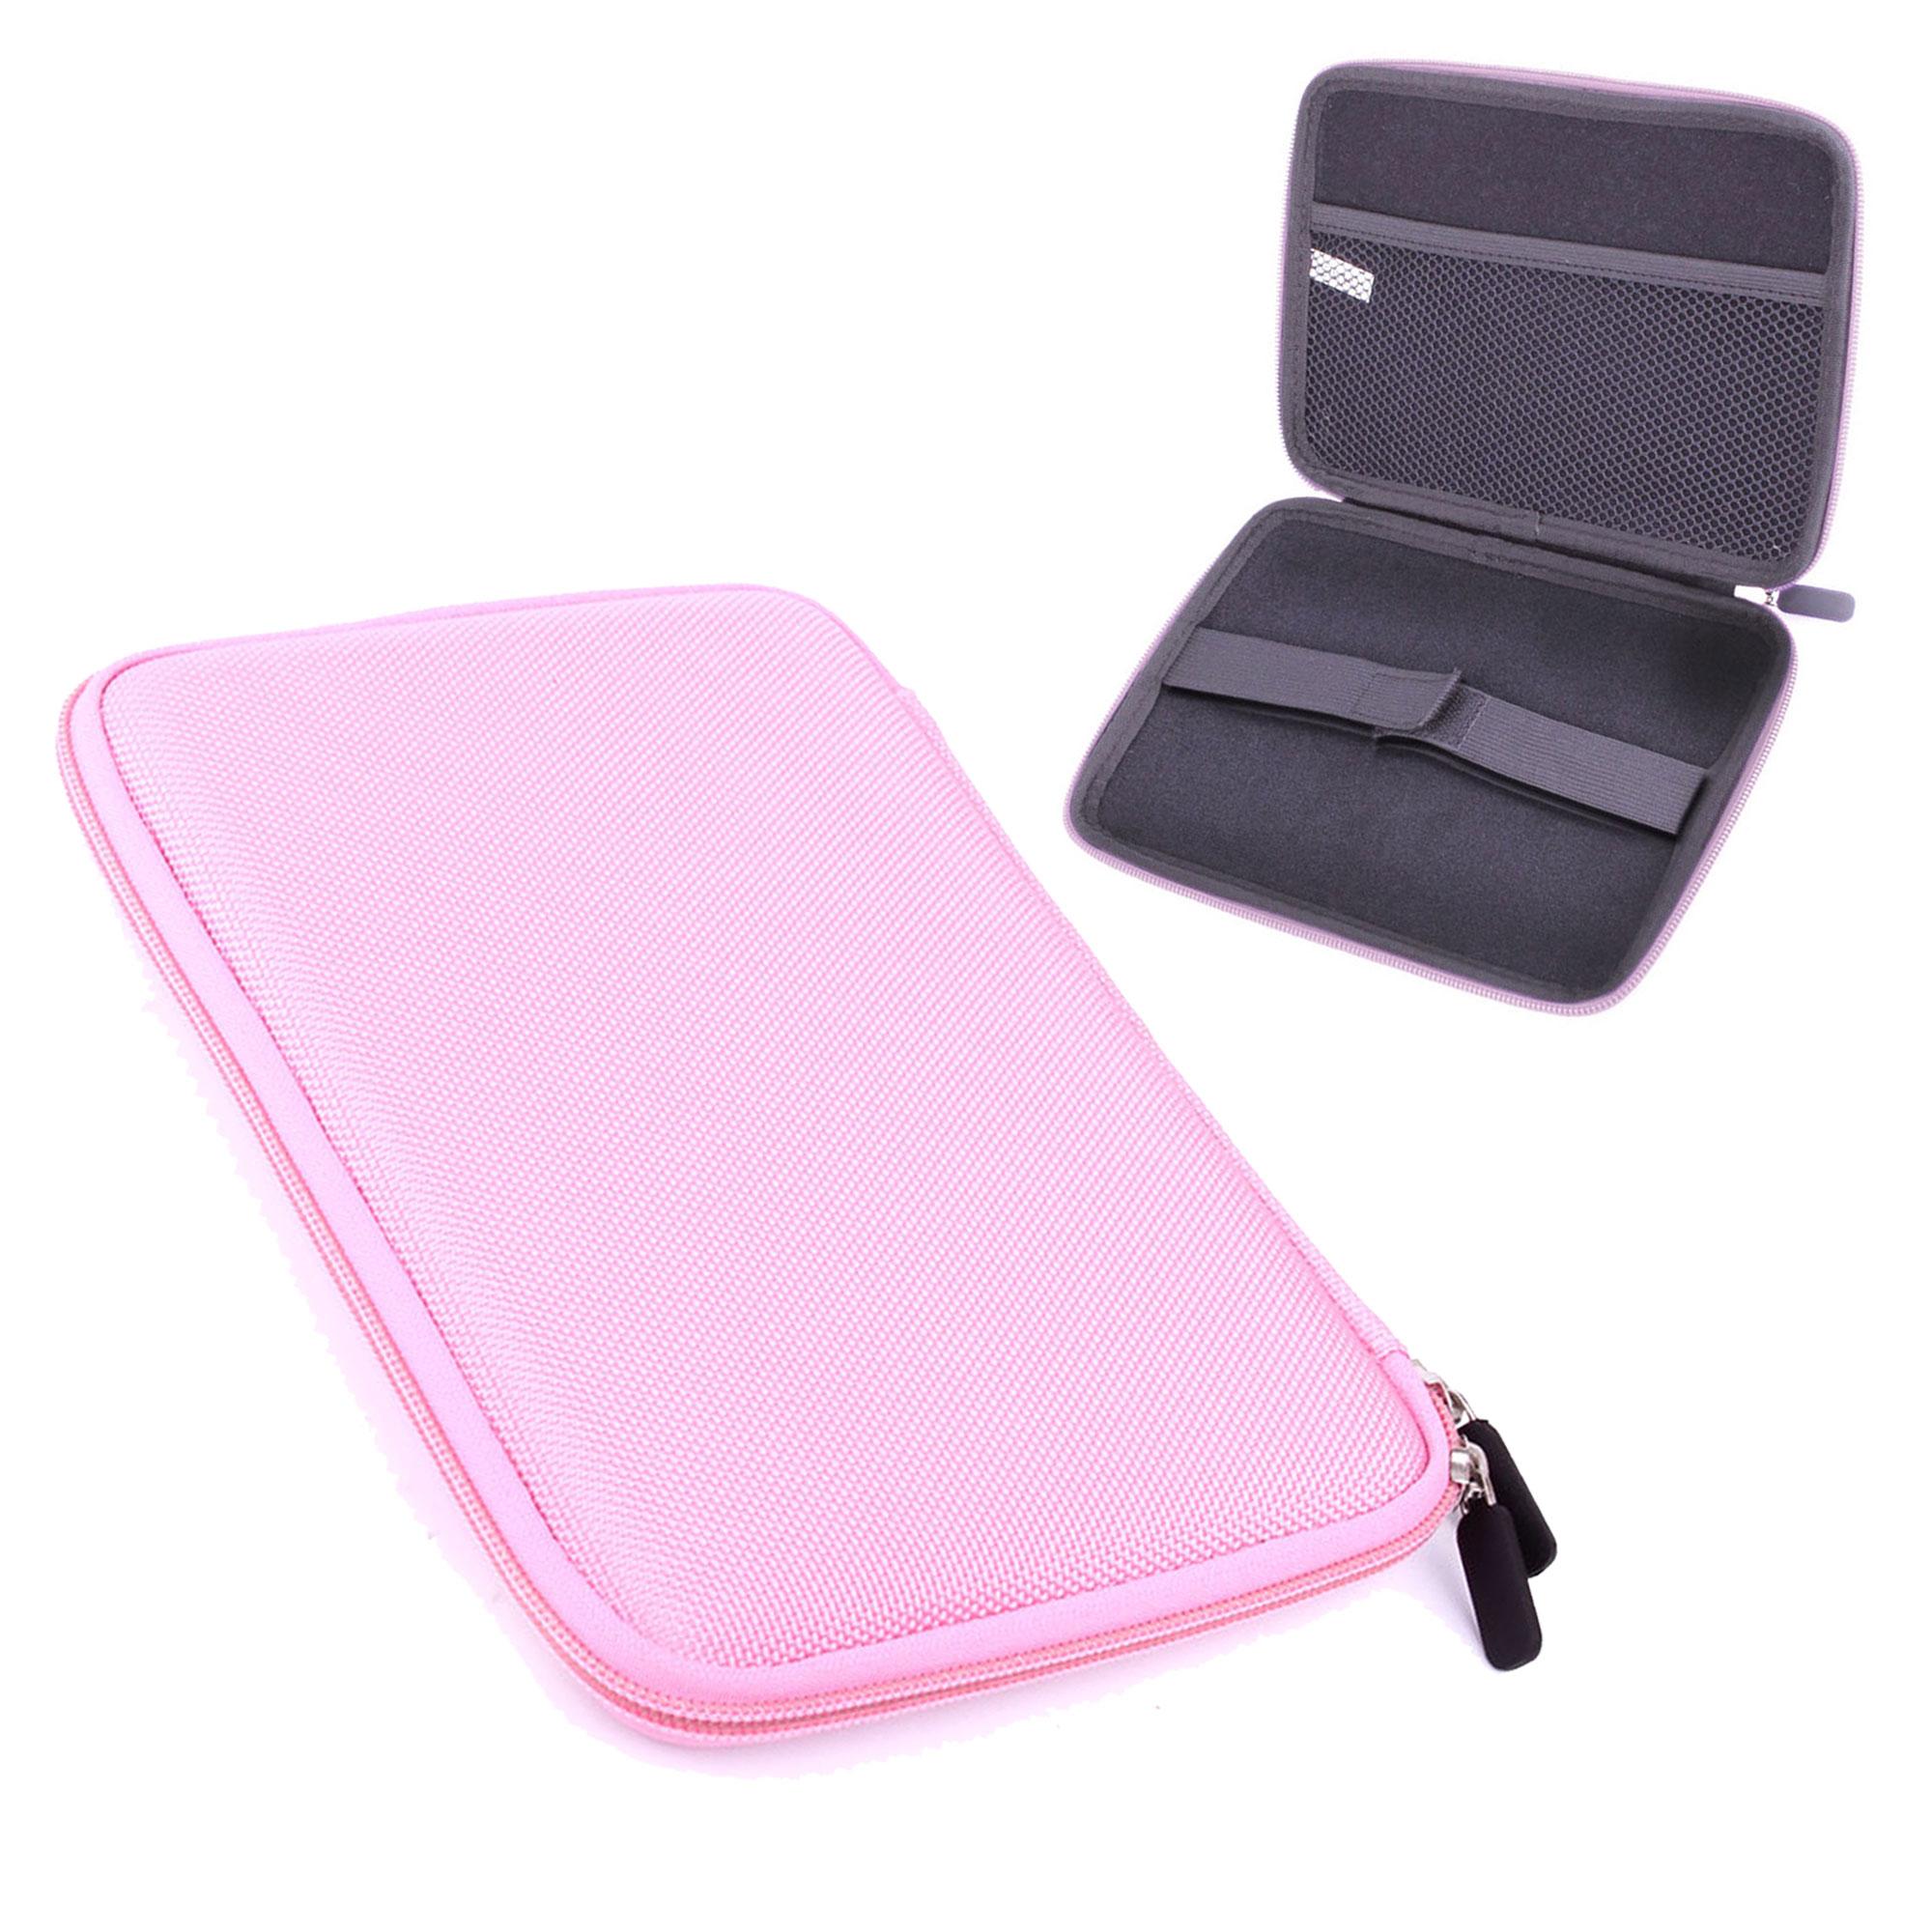 housse tui rose de protection pour la tablette tactile tab750 par logicom ebay. Black Bedroom Furniture Sets. Home Design Ideas